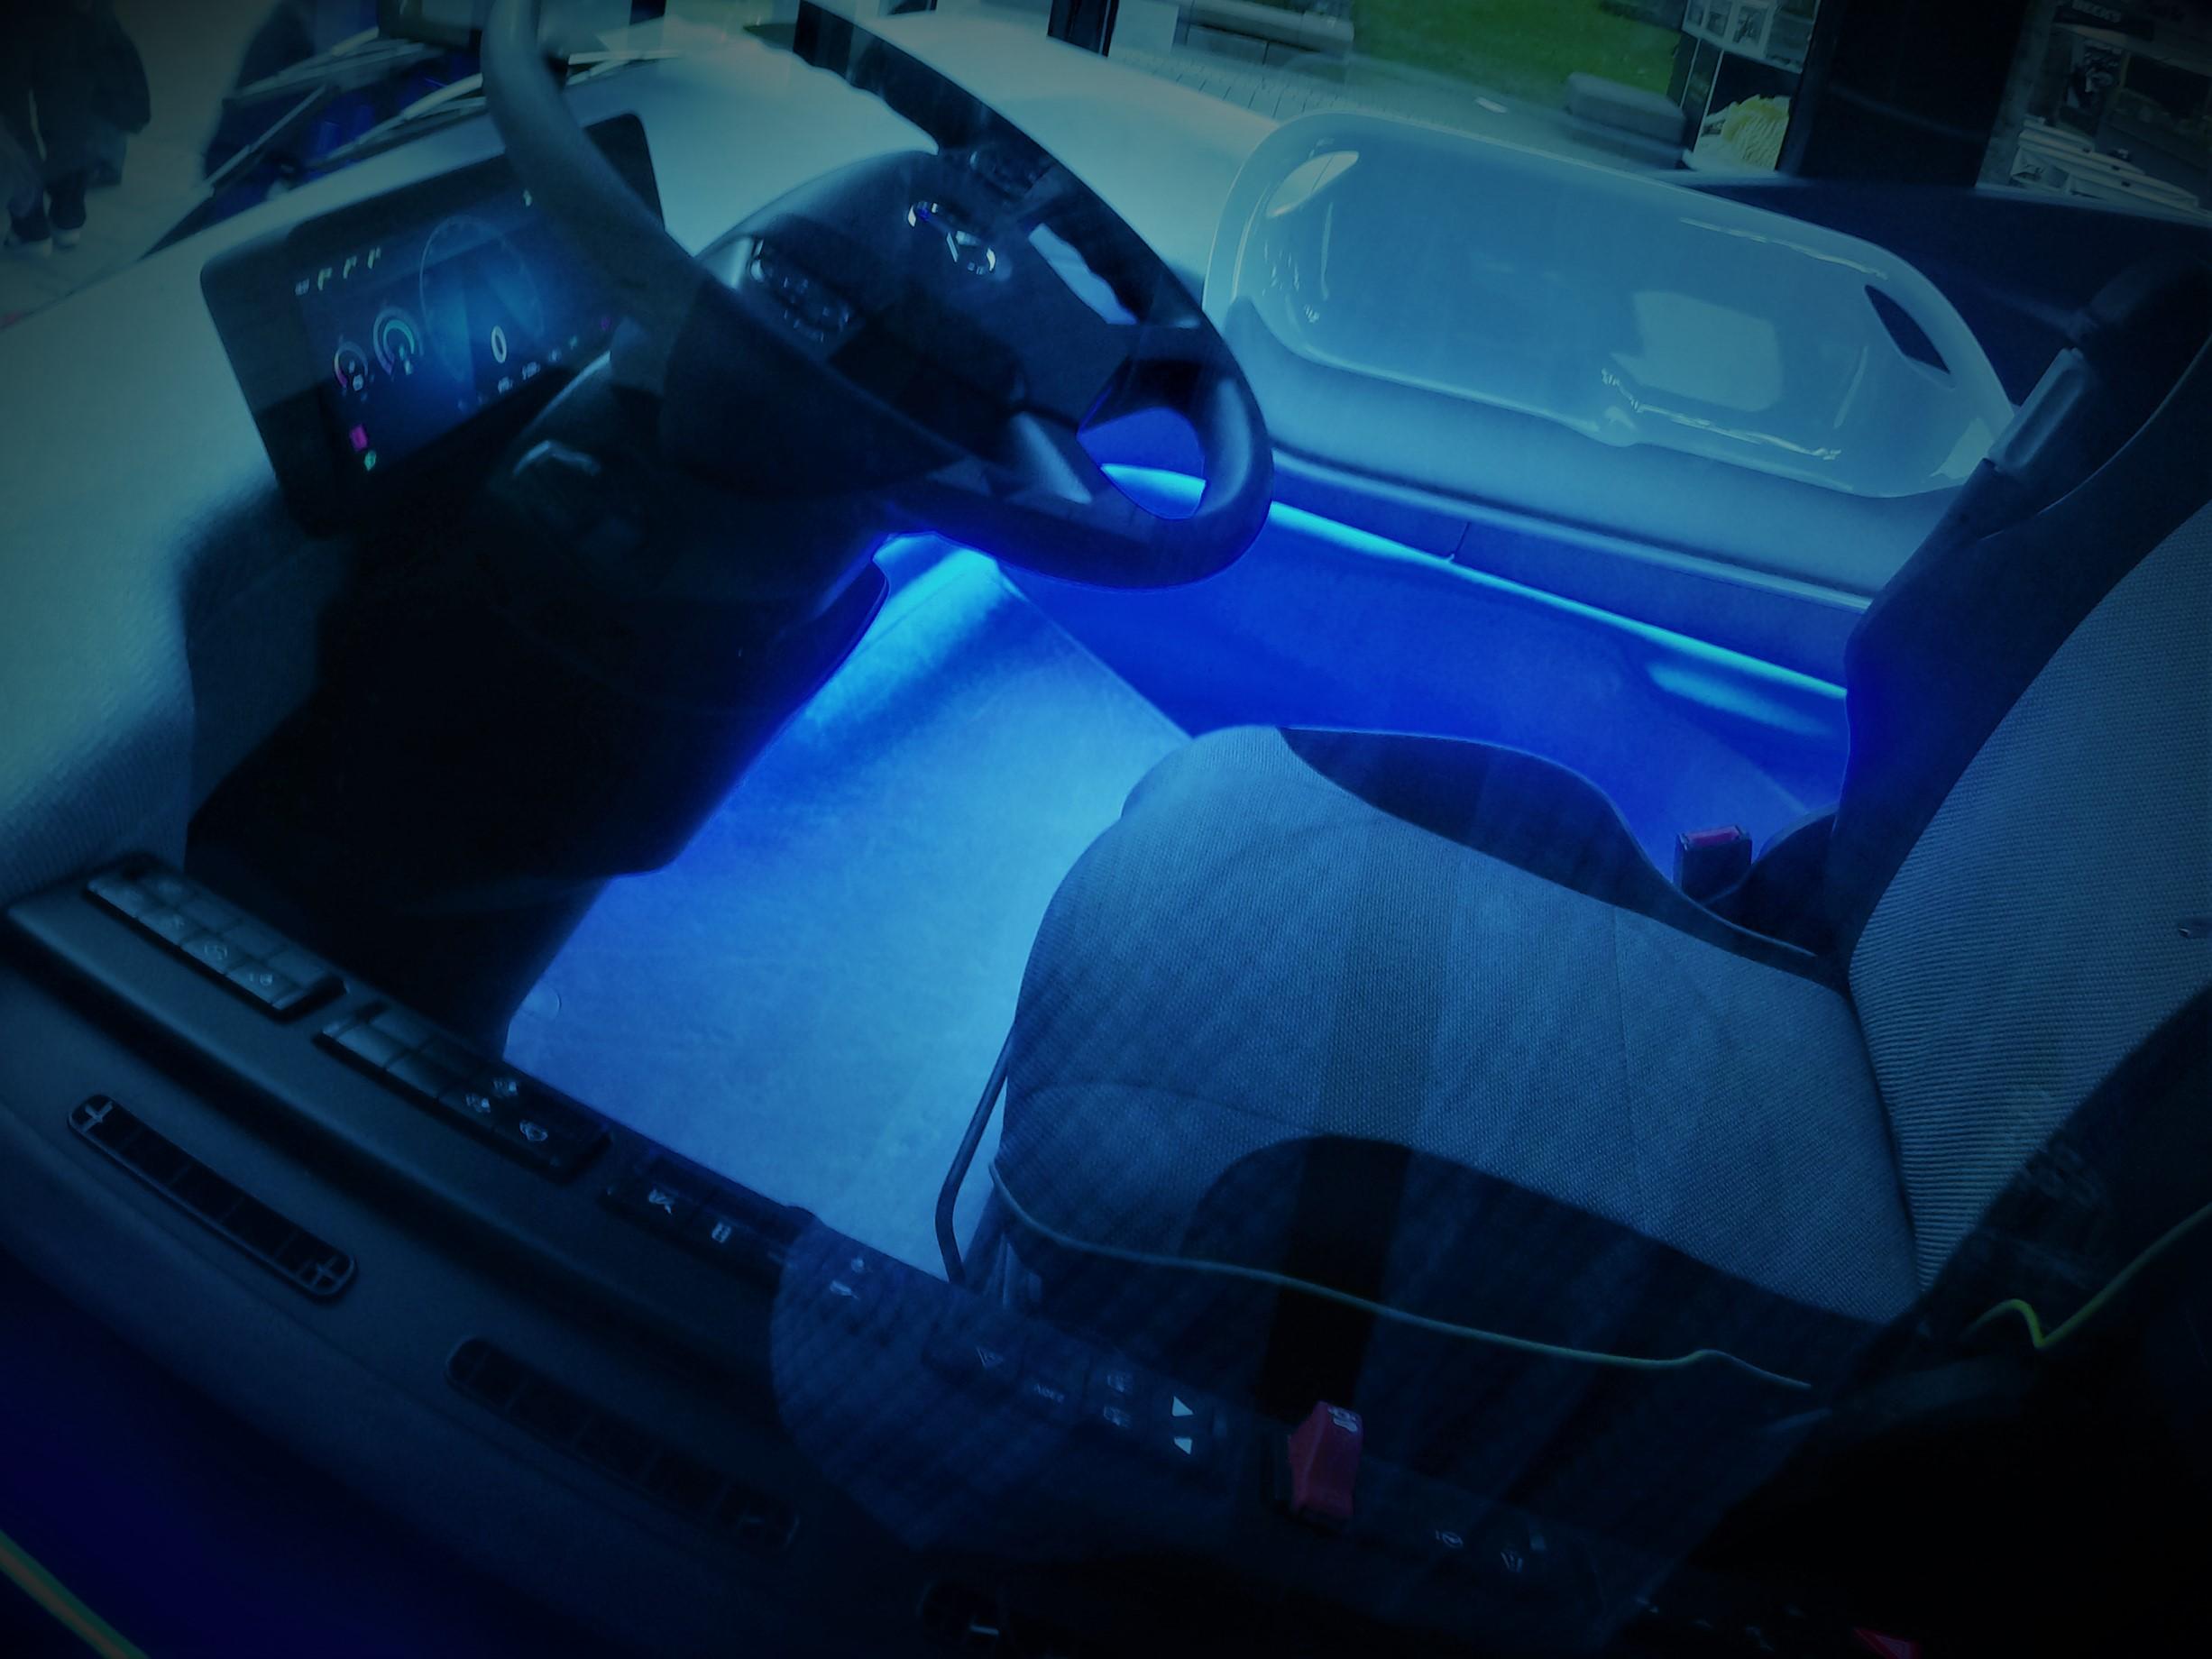 Auto der Zukunft - schon bald haben autonome Fahrzeuge Stufe 4 und 5 erreicht